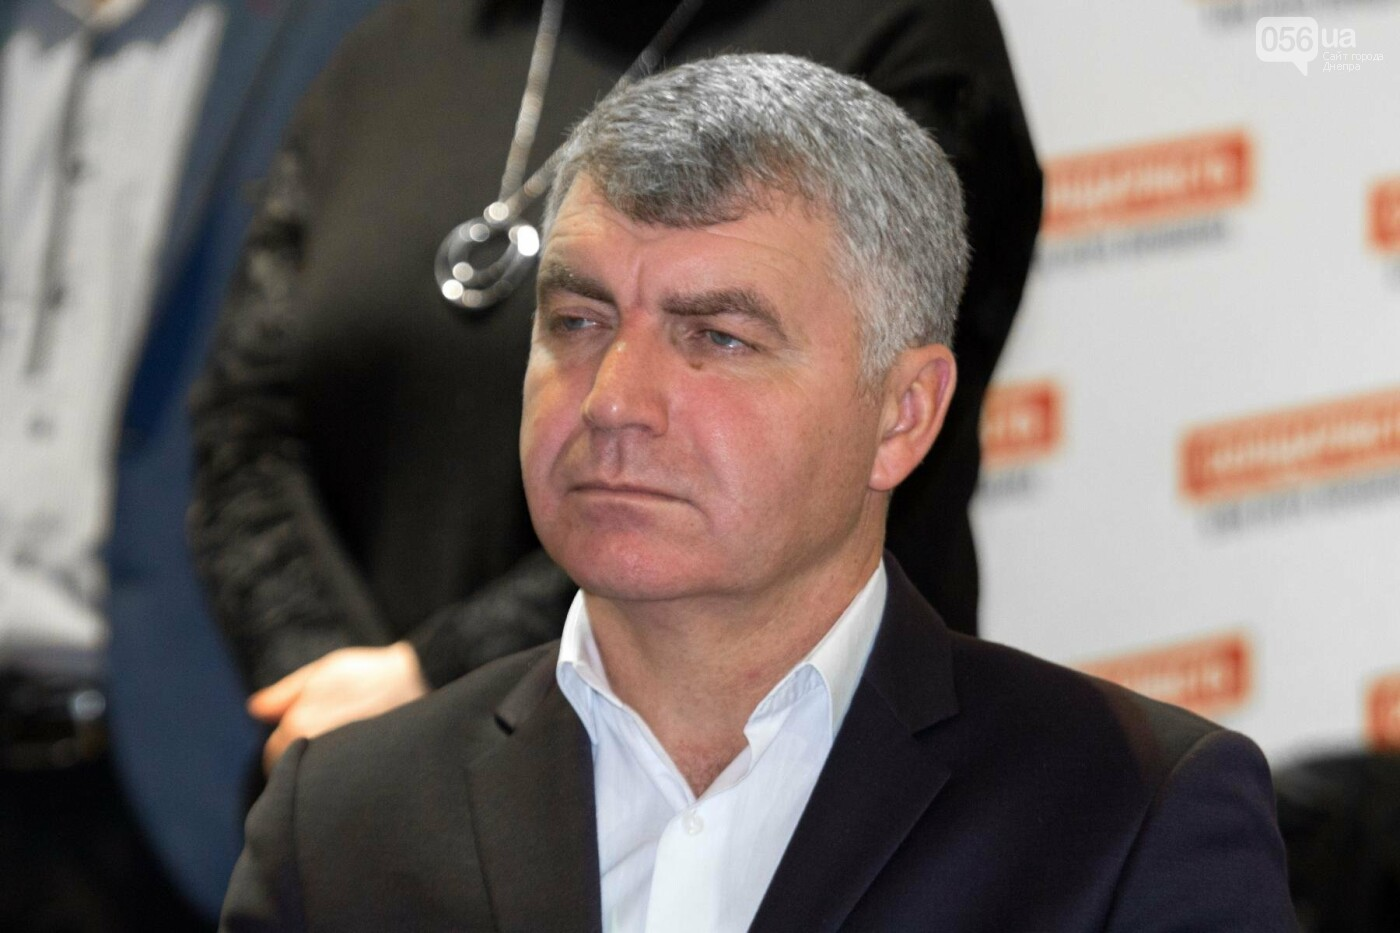 Глеб Пригунов: 18 победителей на должности председателей ОТГ от партии «Солидарность» - это говорит о доверии к реформе децентрализации!, фото-2